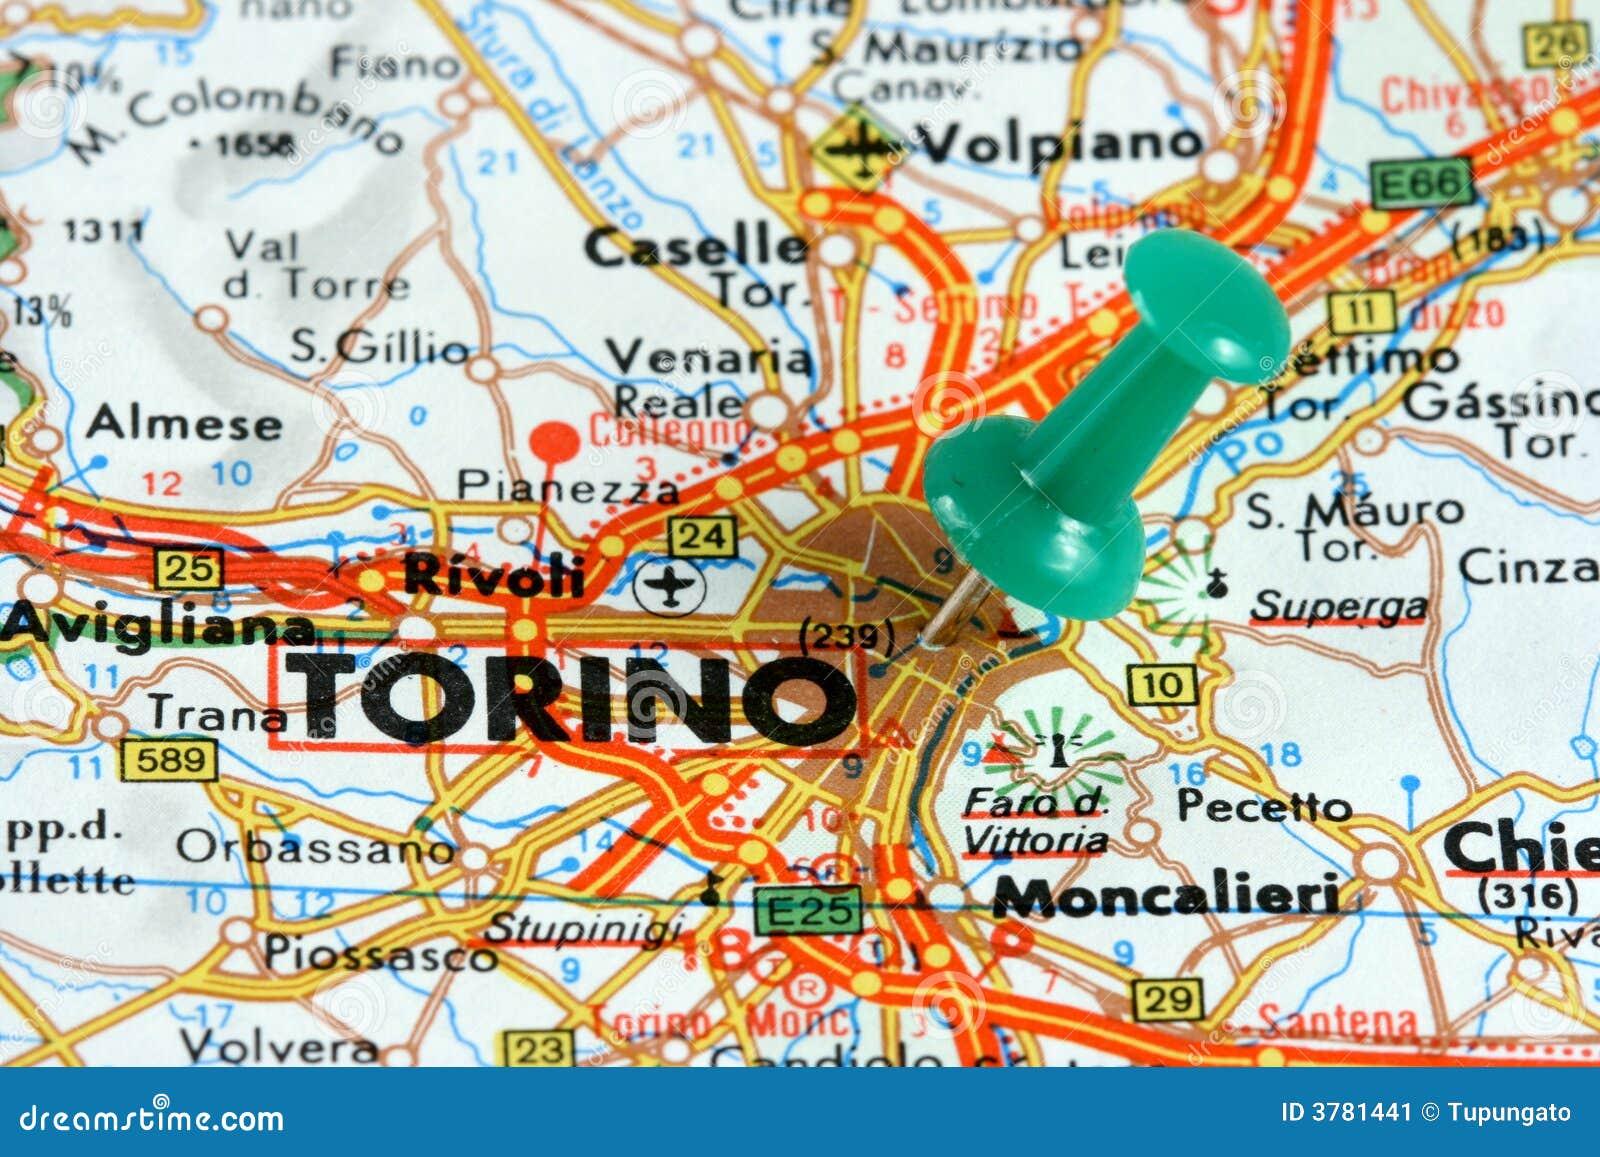 Turin sur la carte image stock. Image du place, italien   3781441